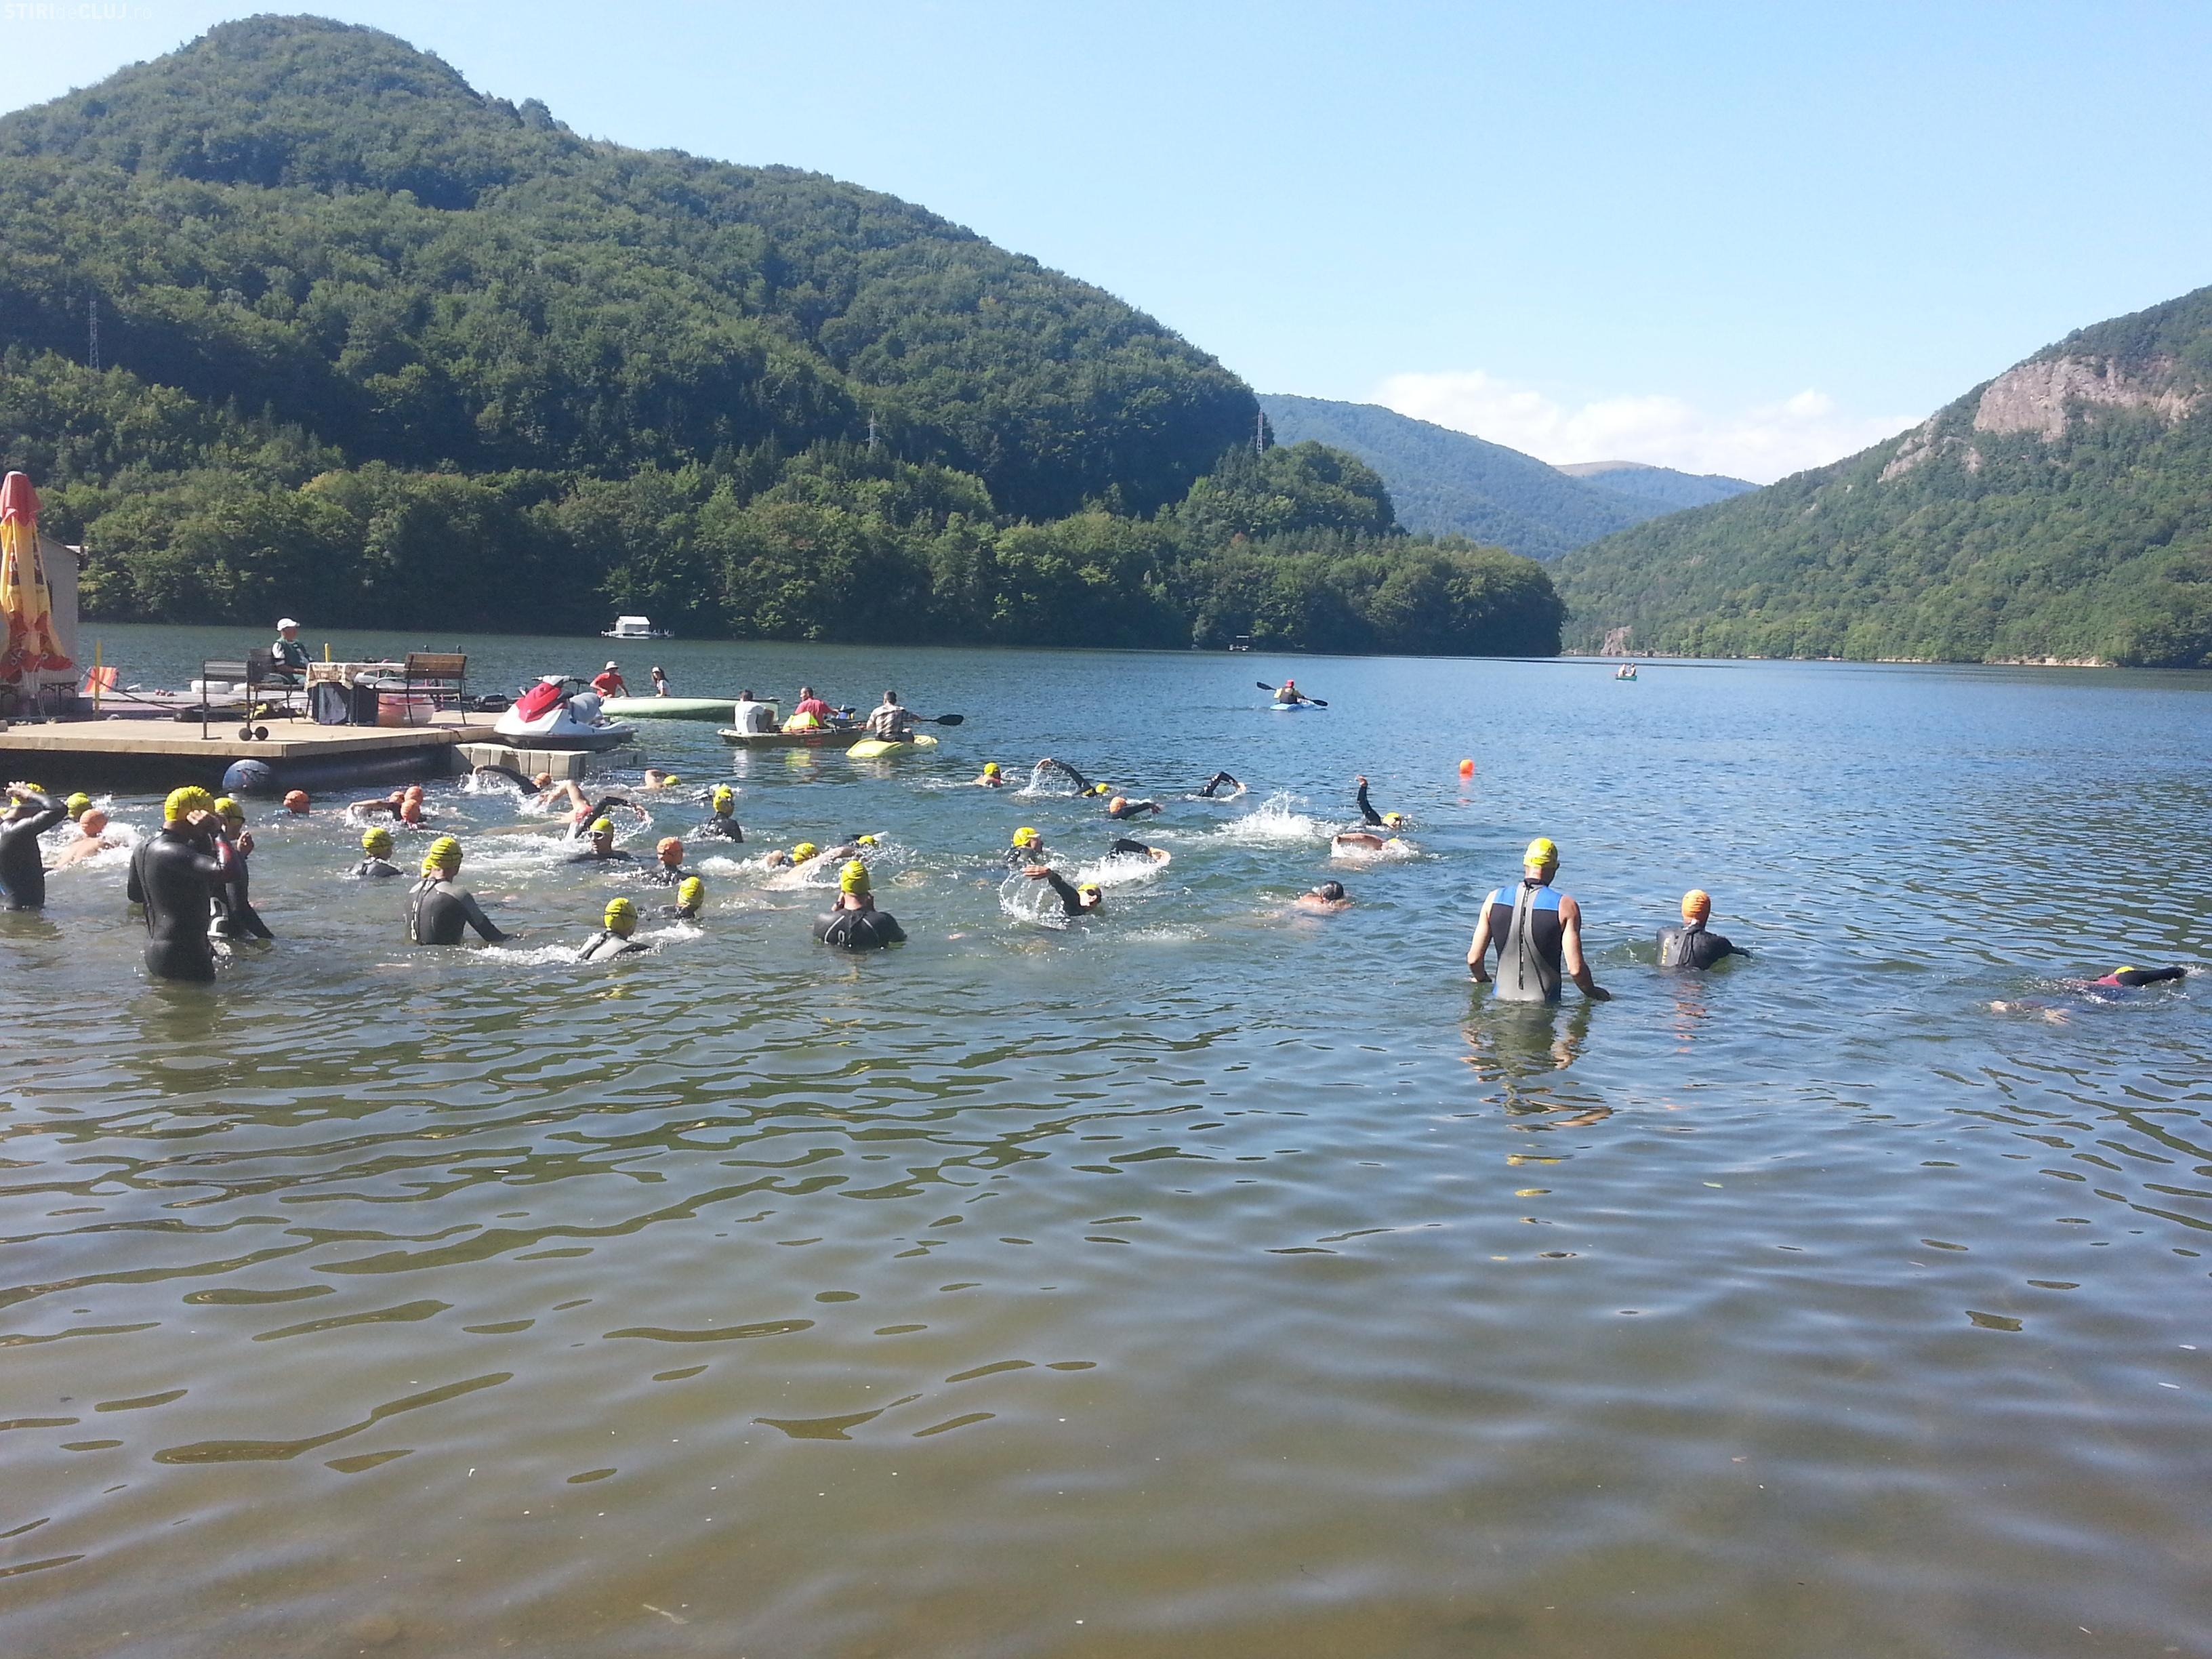 Copiii de 7 ani şi bătrânii de 66 au luat cu asalt lacul Tarniţa. S-au  întrecut la concurs de înot FOTO - Ştiri de Cluj